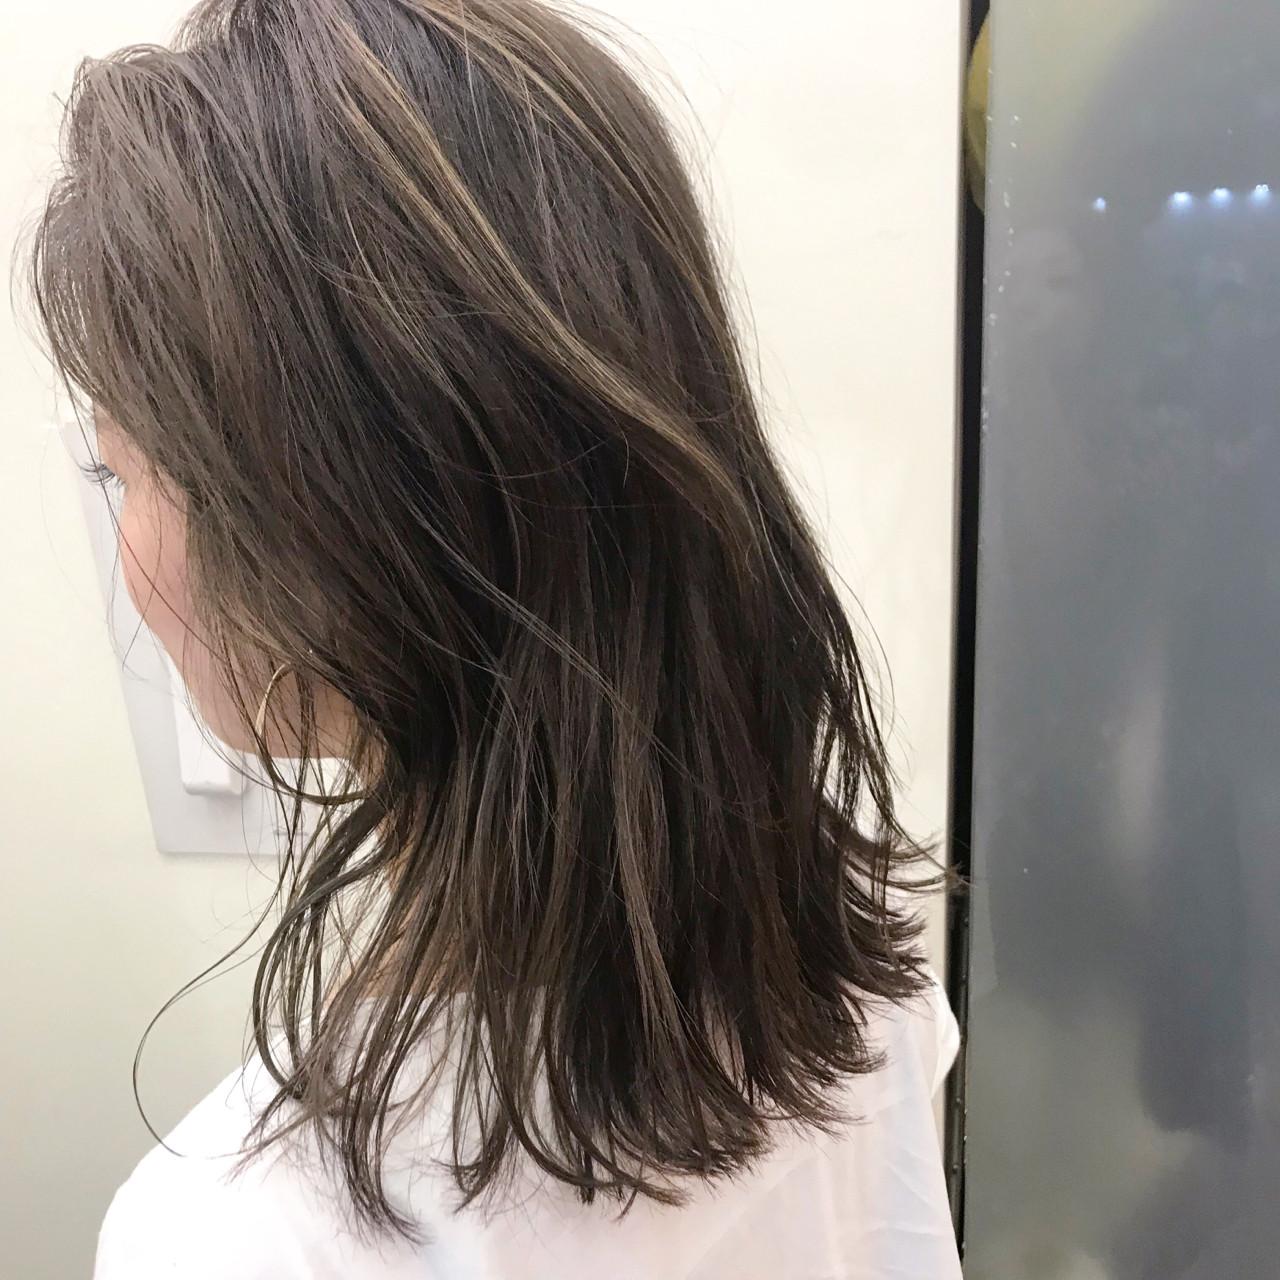 外国人風 ハイライト フェミニン セミロング ヘアスタイルや髪型の写真・画像 | yumiko/sapporoSKNOW / SKNOW